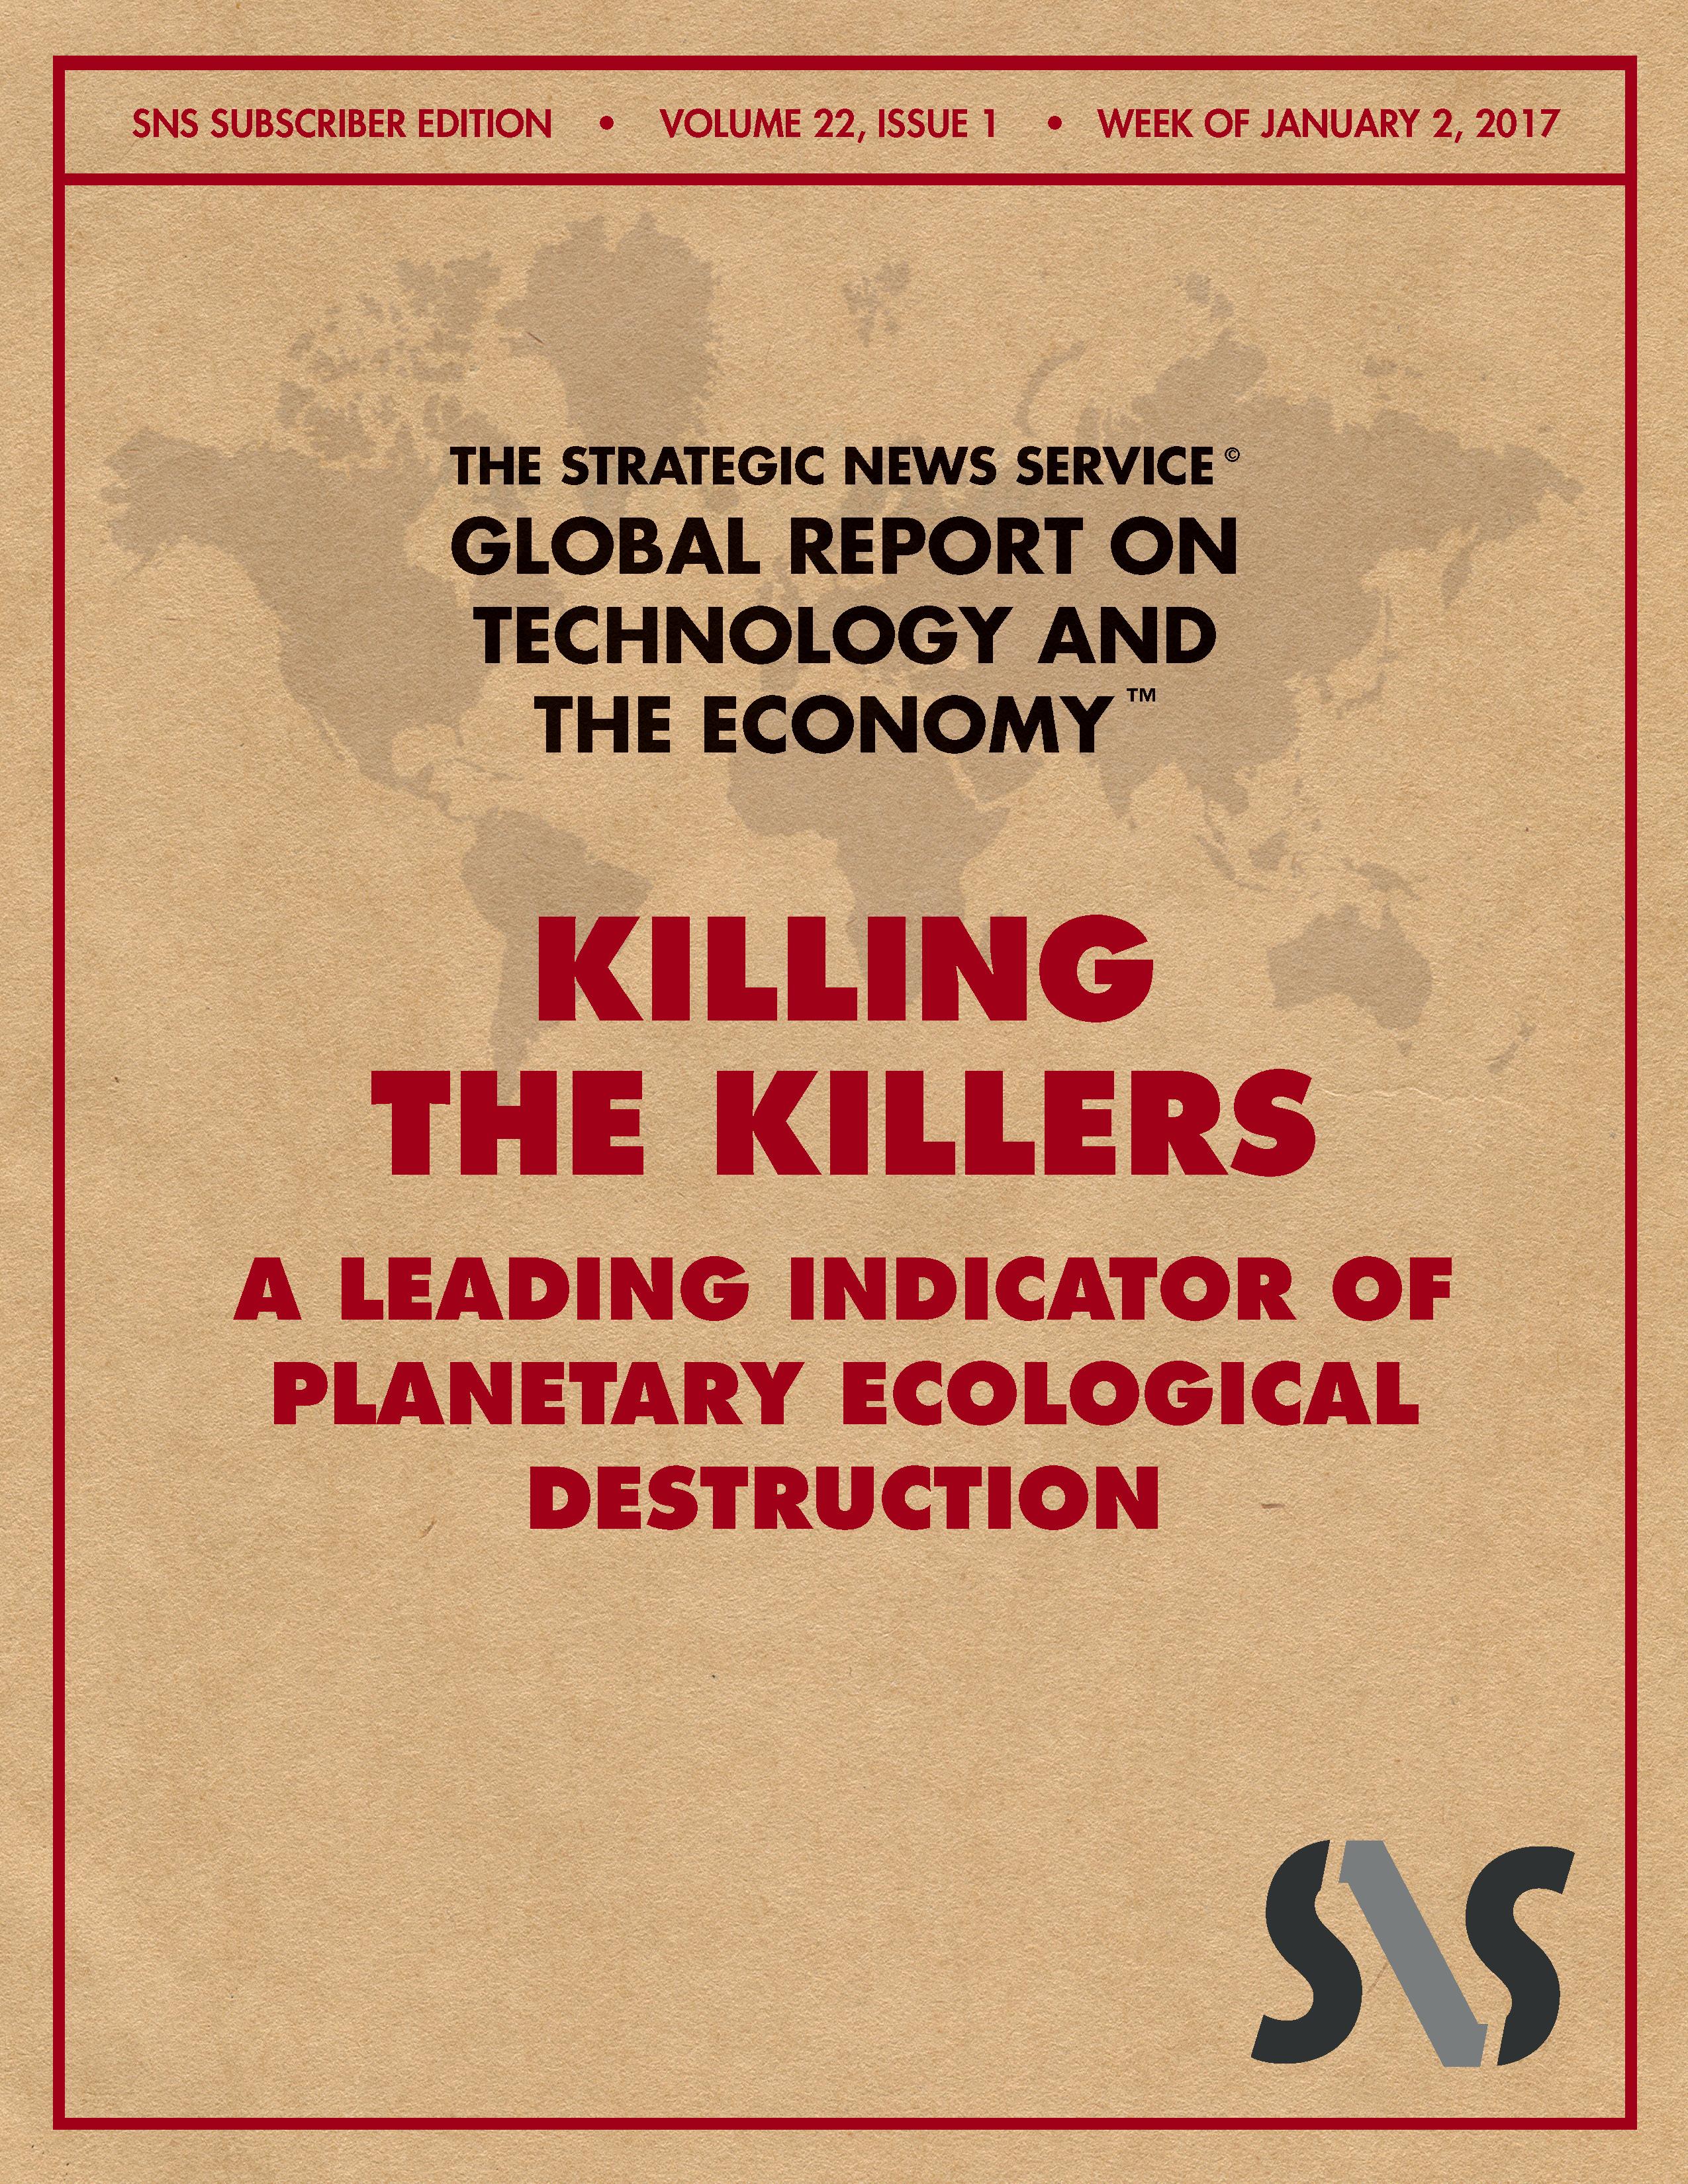 SNS: Killing the Killers